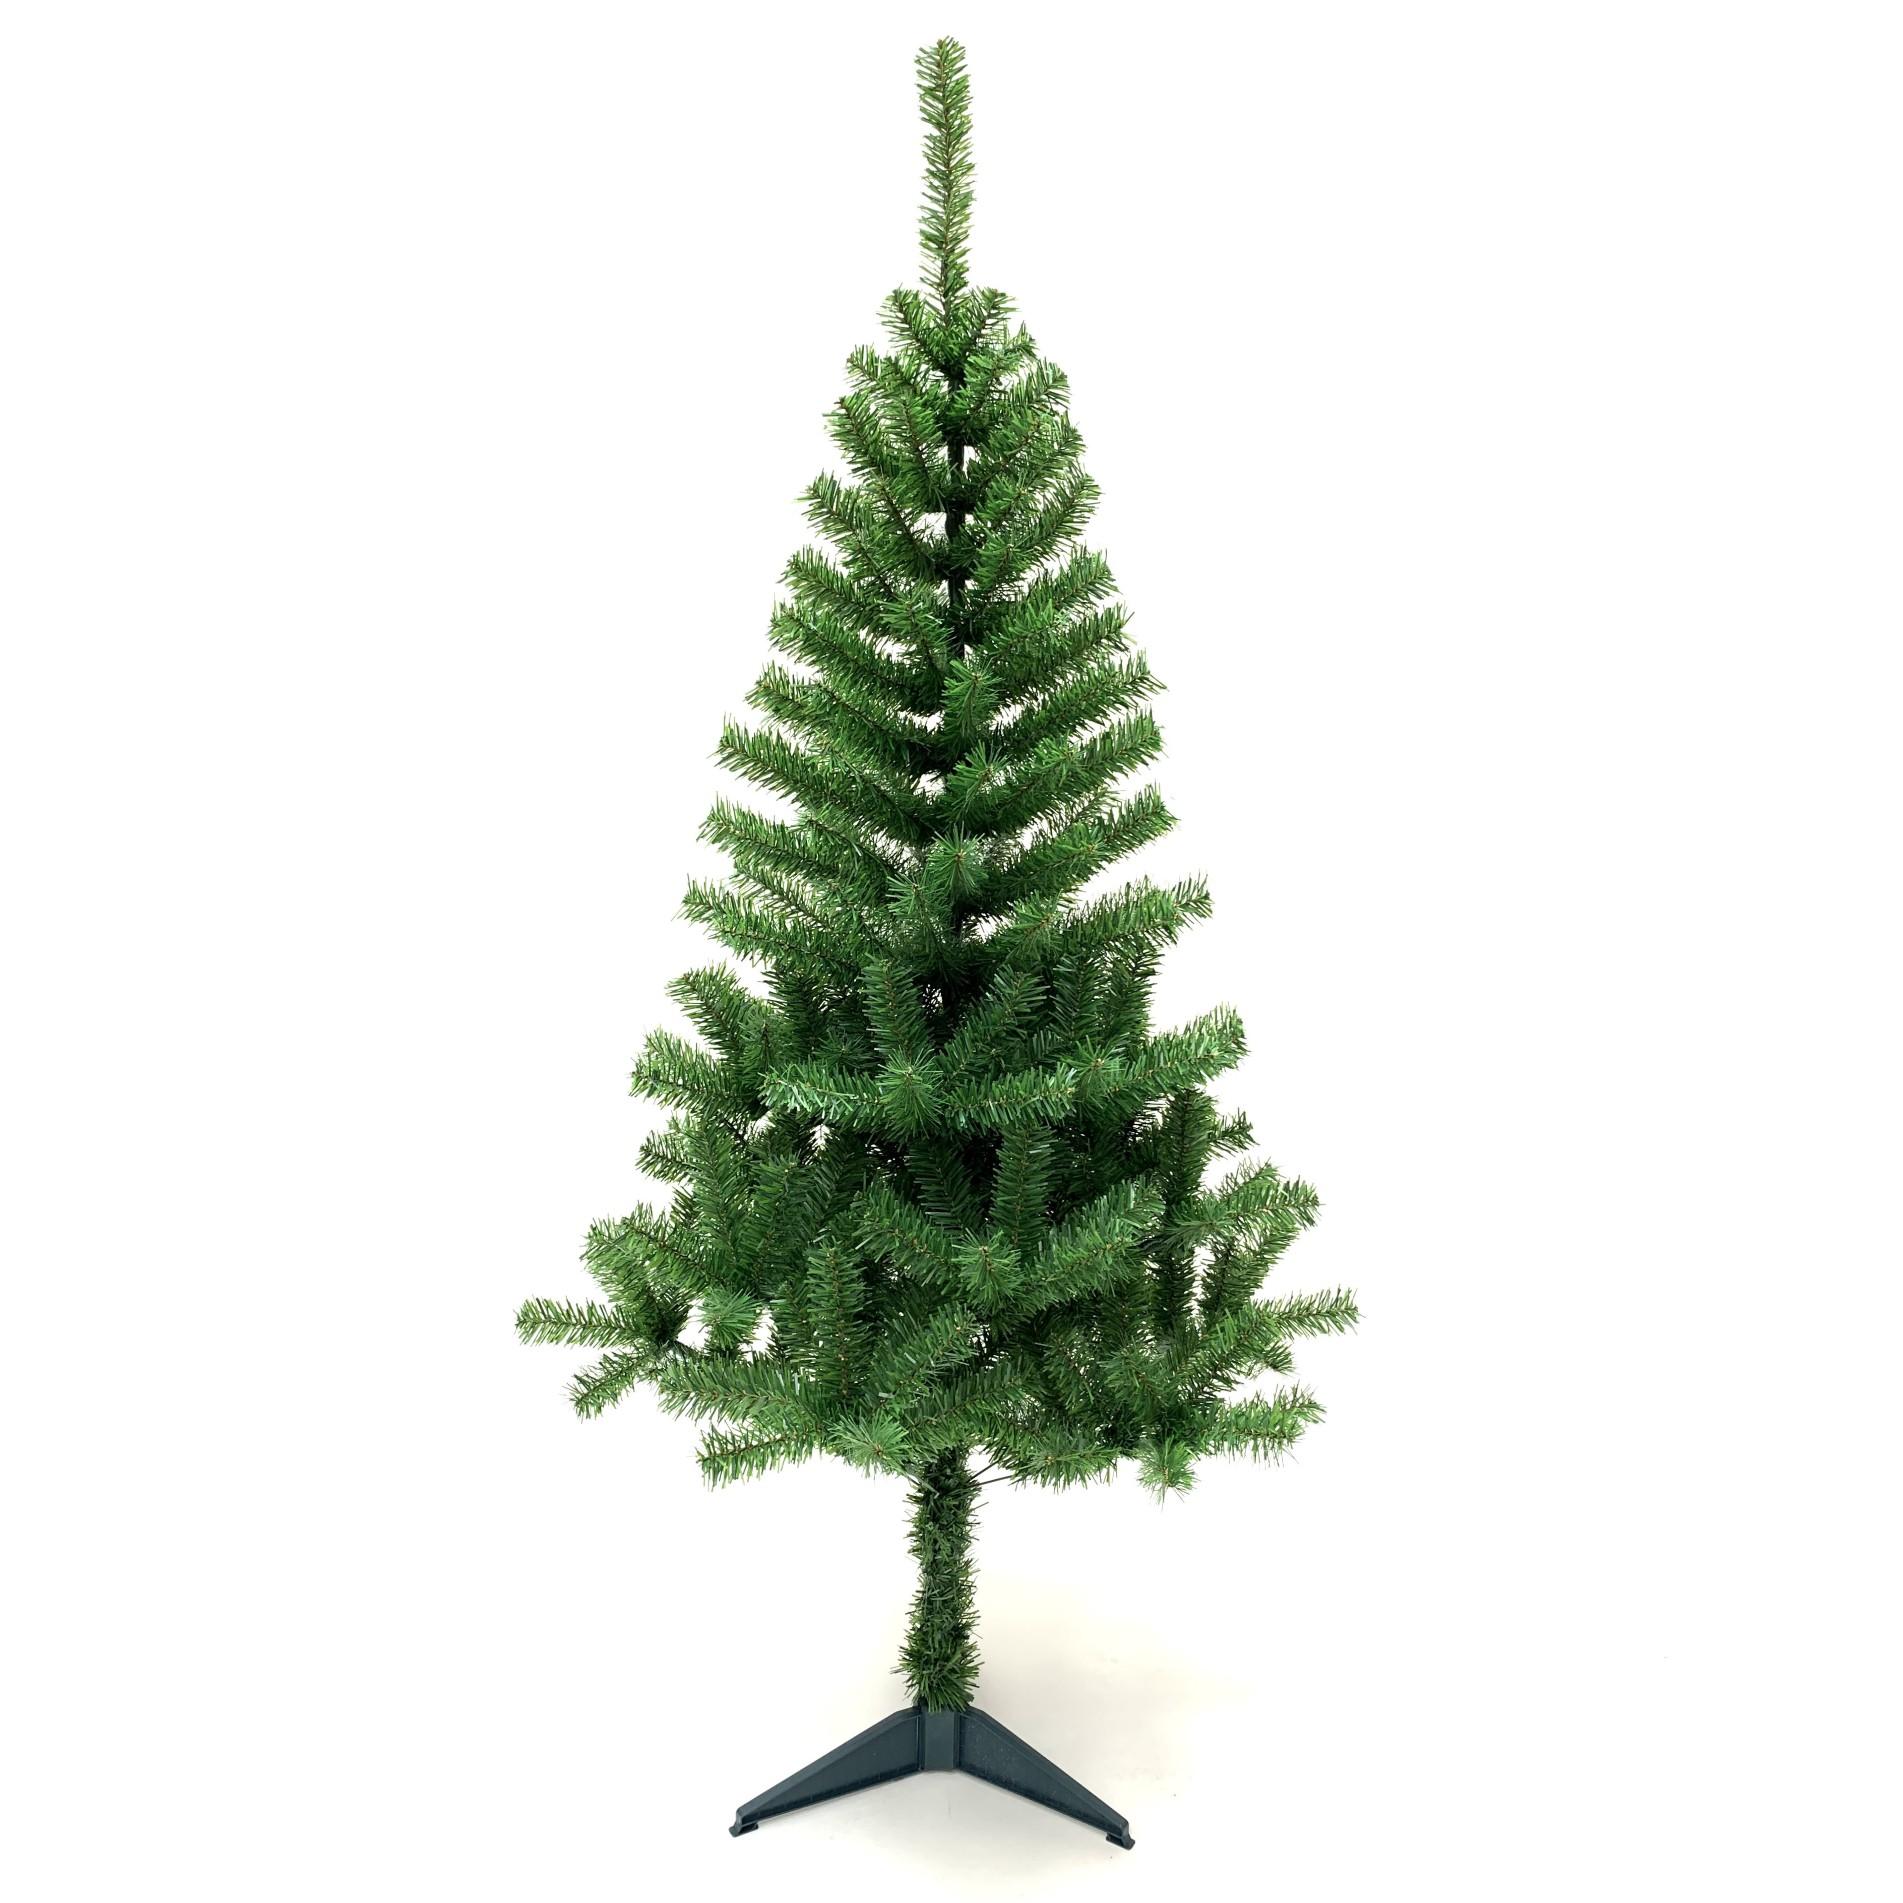 Arvore de Natal Tradicional 150m - Jolie